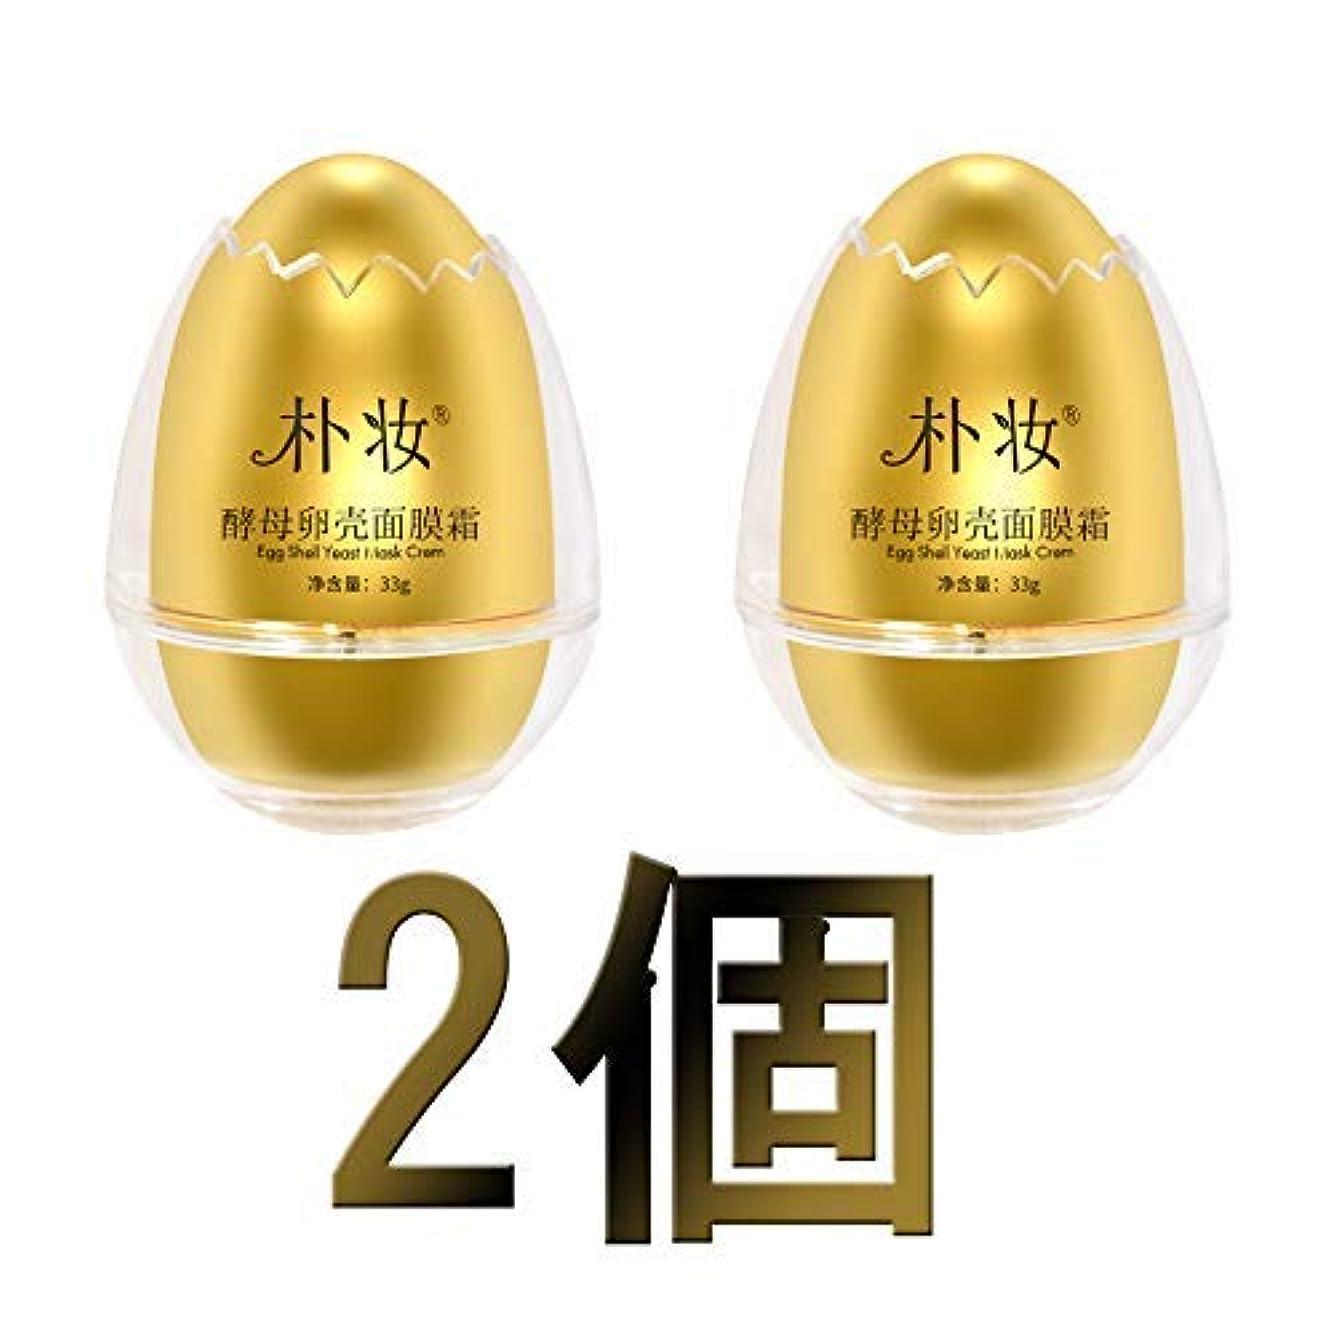 説明部屋を掃除する柱朴妆たんたんパックx2個 酵母卵殻マスククリーム33g しっとりと た肌,シュリンクポア,しわ耐性,肌を引っ張る、